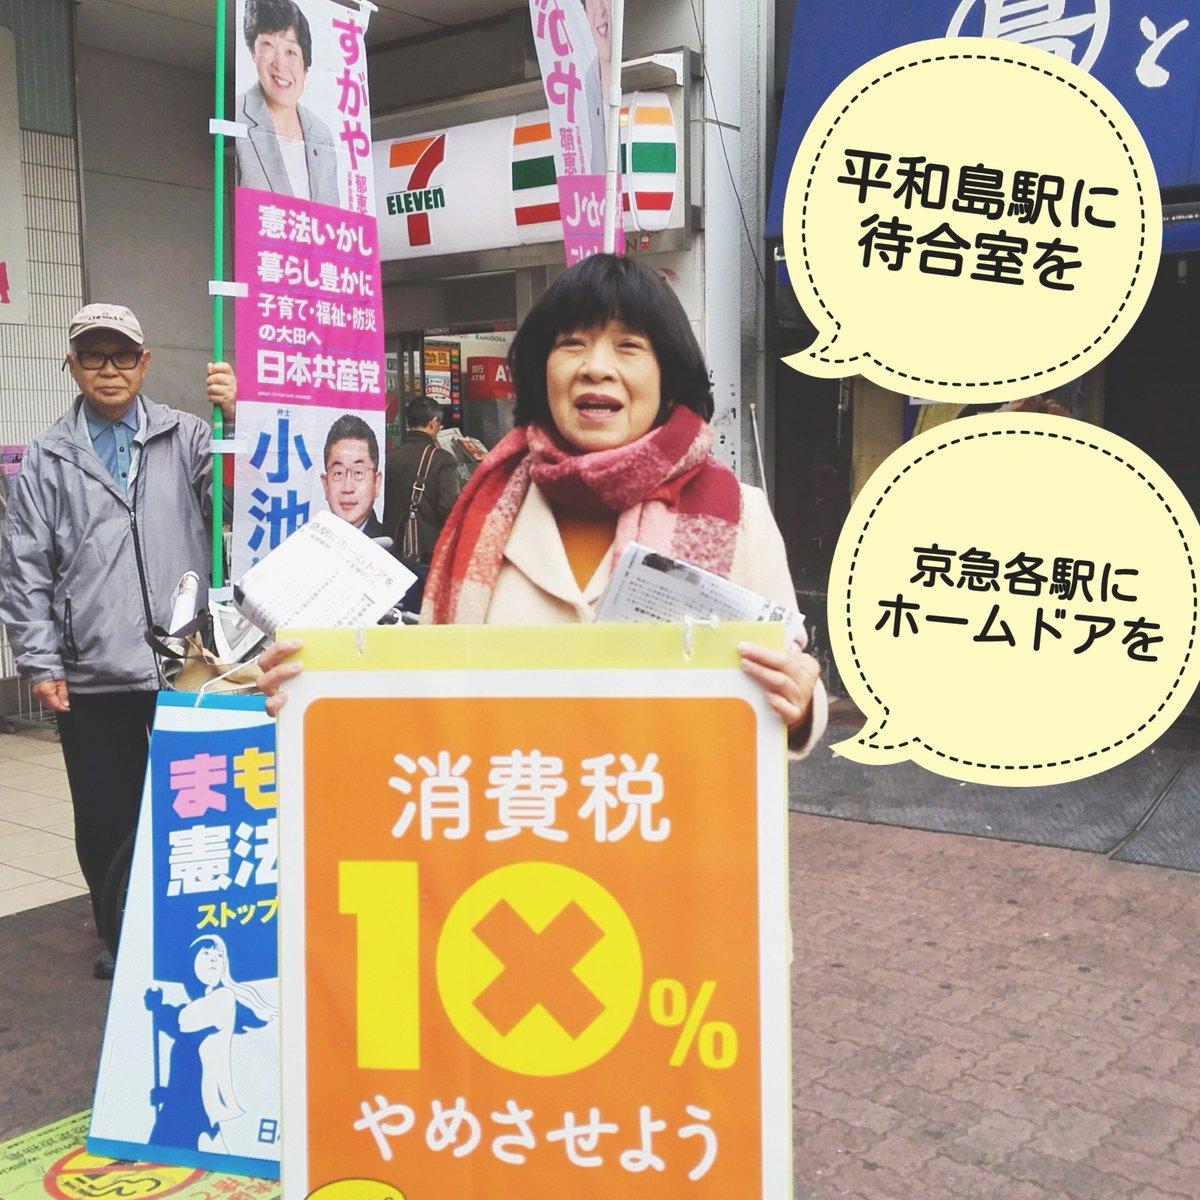 京急へ直接、ホームドア設置を申し入れていたすがや郁恵区議。  蒲田駅への設置が決まって良かった👌 次は他の駅でも!  個人的にはホーム上で停車位置がはっきり分かるようにしてほしい。テプラじゃ分からない。 #すがや郁恵 #大田区 #日本共産党  #大田区議会選挙は4月21日